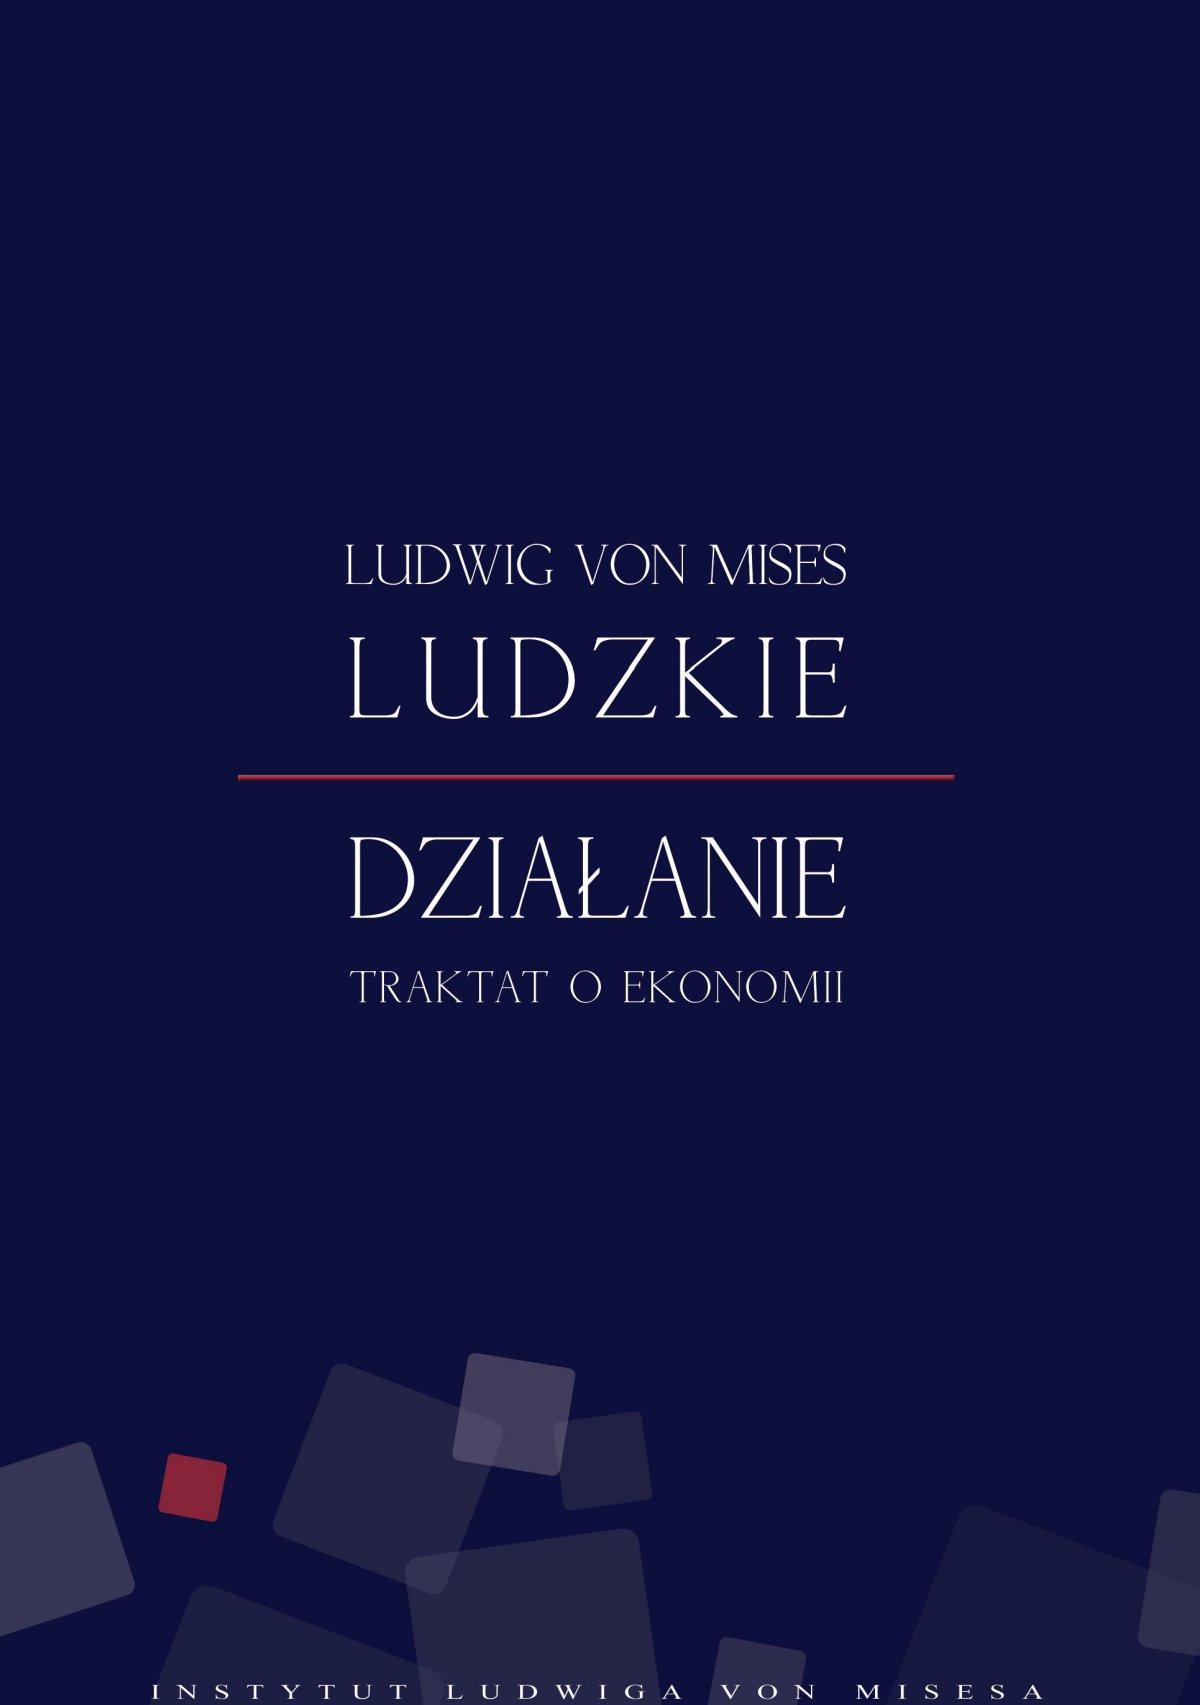 Ludzkie działanie. Traktat o ekonomii - Ebook (Książka na Kindle) do pobrania w formacie MOBI